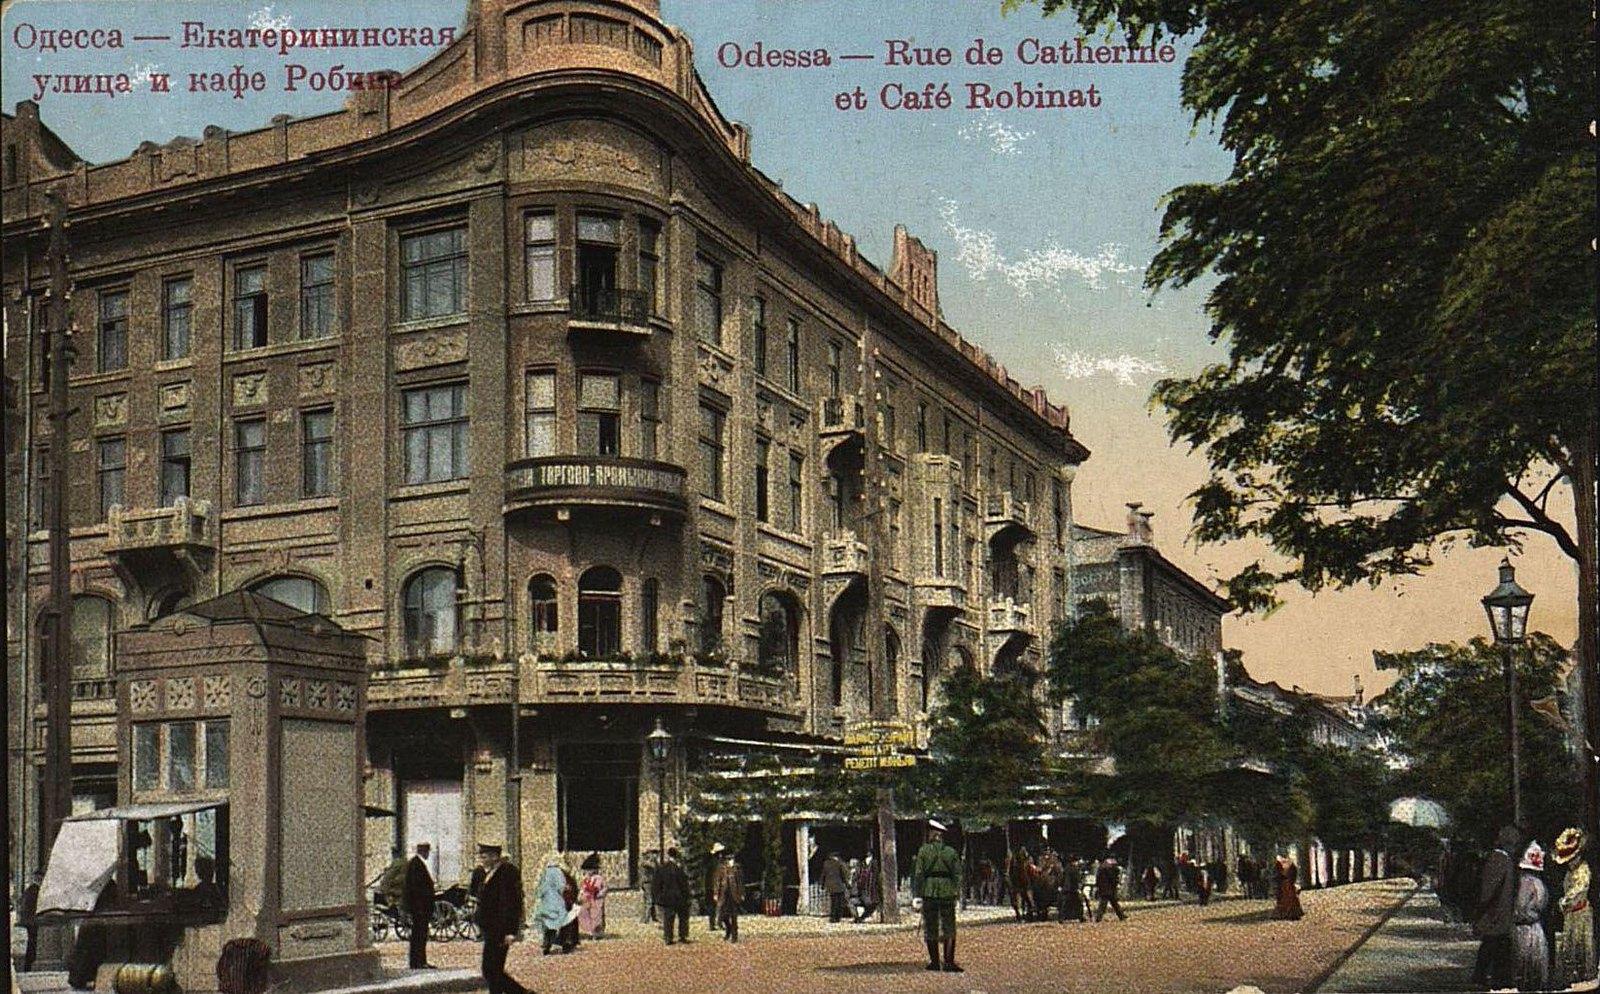 Екатерининская улица и кафе Робина